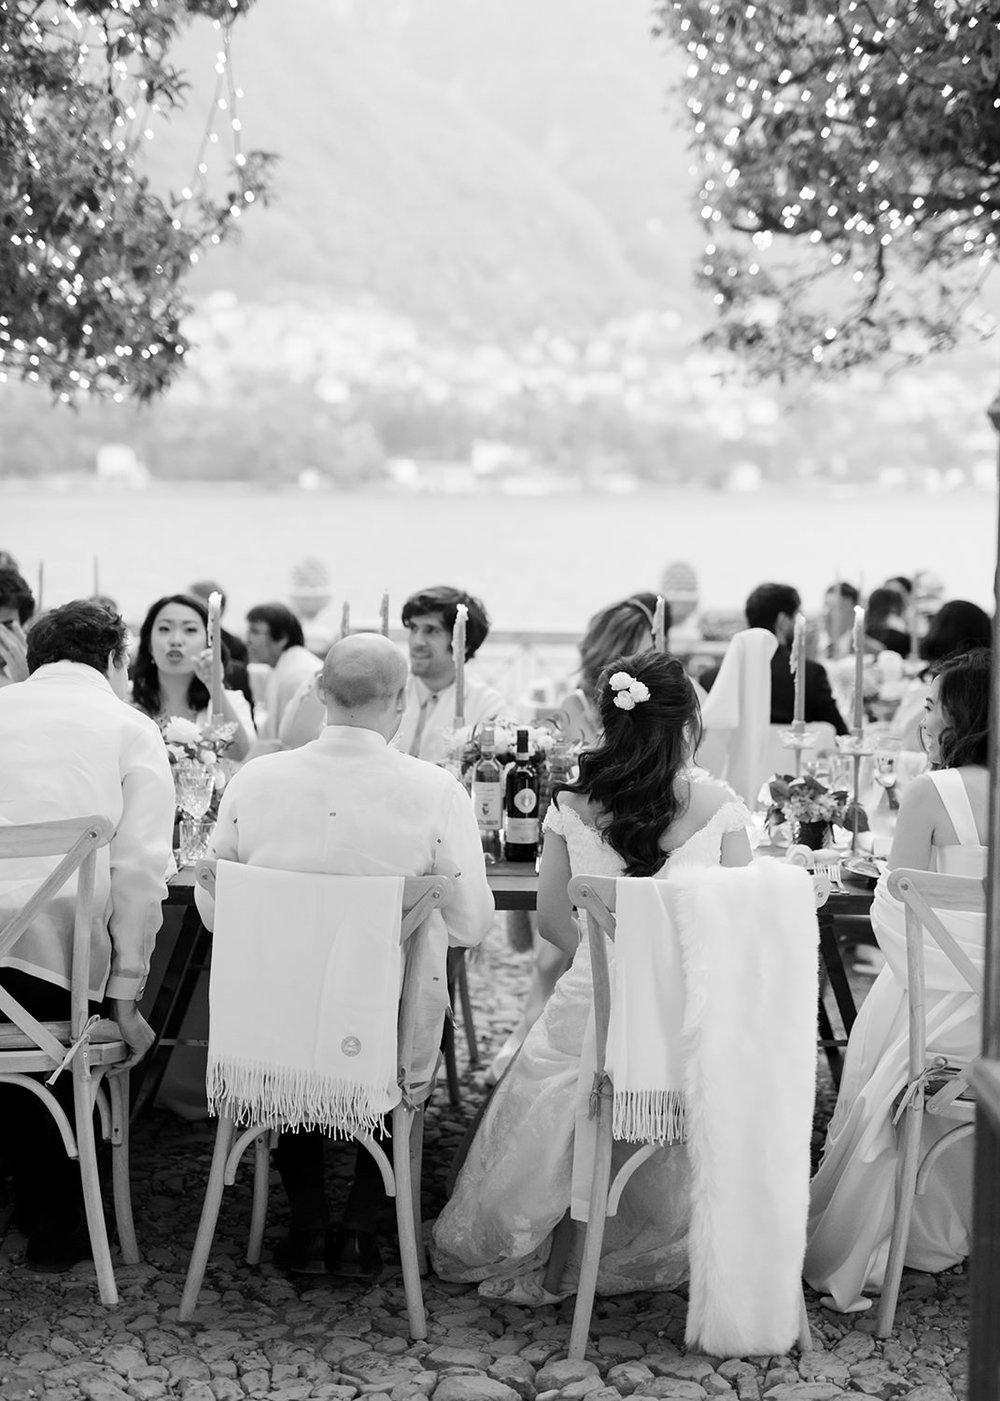 villa-regina-teodolinda-wedding-photographer-C&B-©bottega53-103.JPG